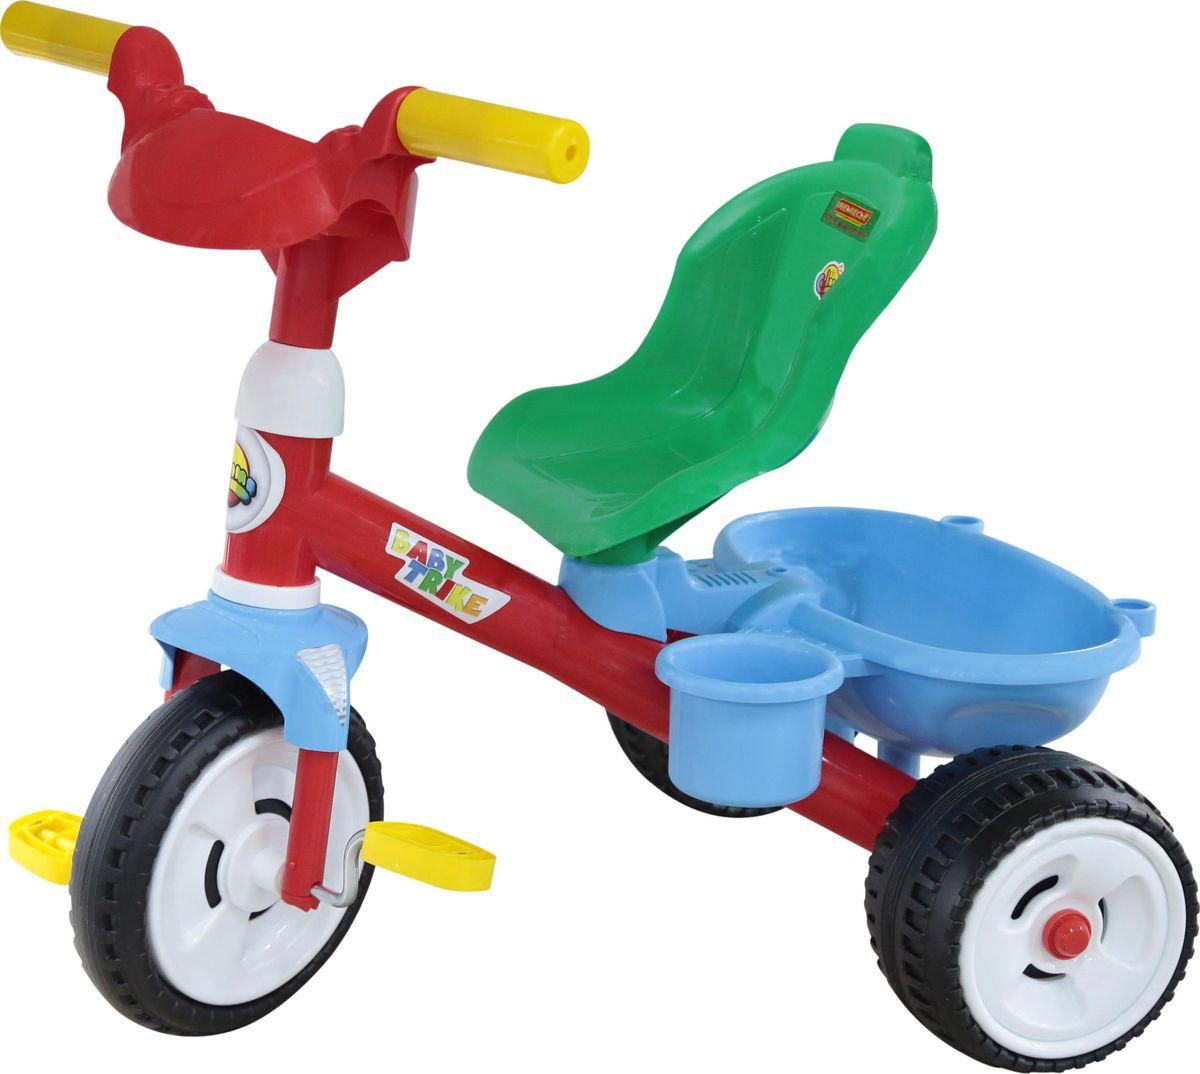 Полесье Велосипед трехколесный Беби Трайк46468Полесье Велосипед трехколесный Беби Трайк